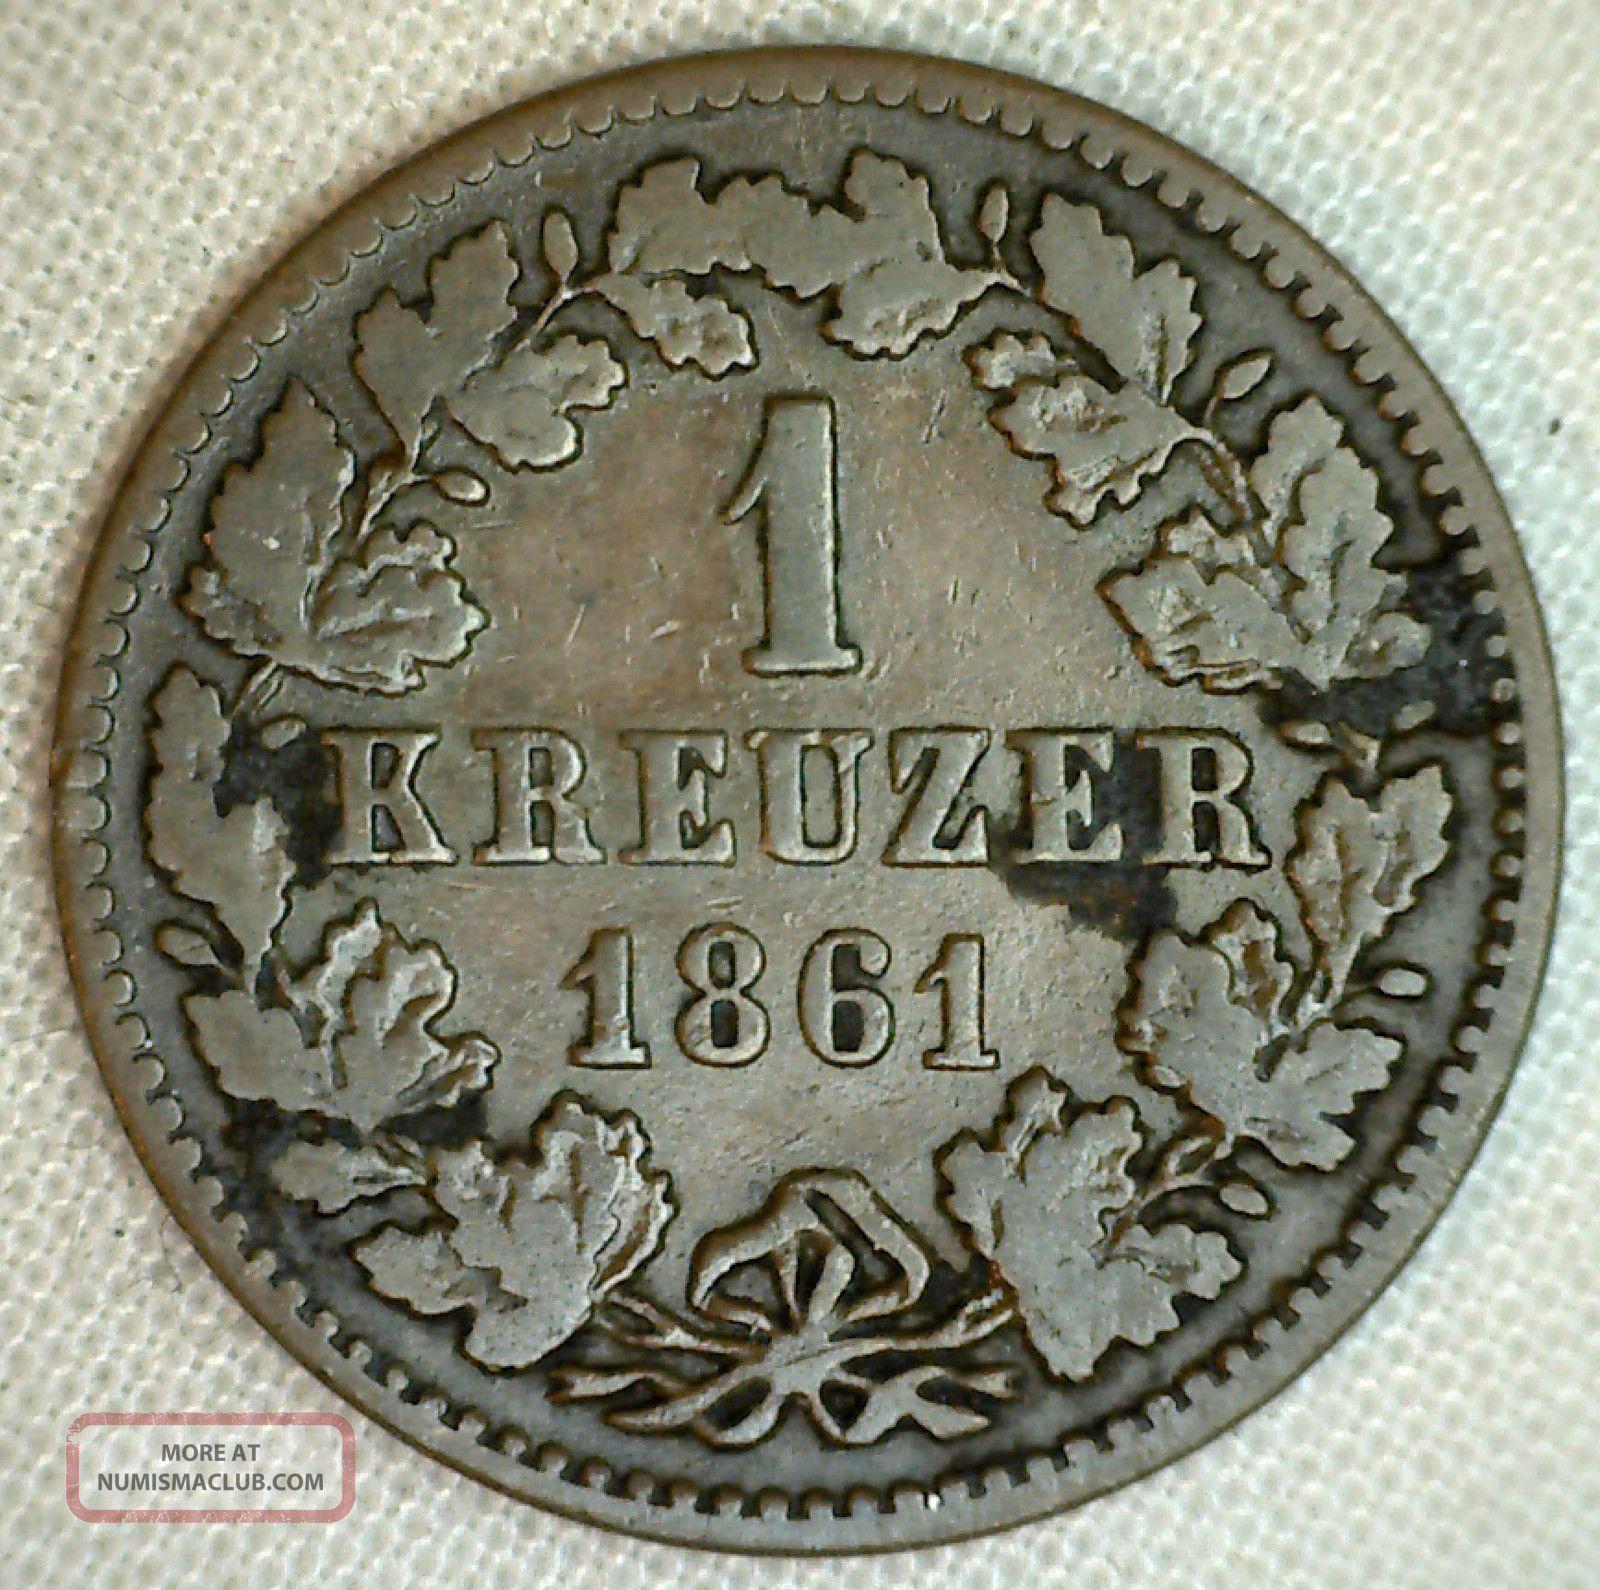 1861 Nassau German States 1 Ein Kreuzer Copper Coin Yg Germany photo